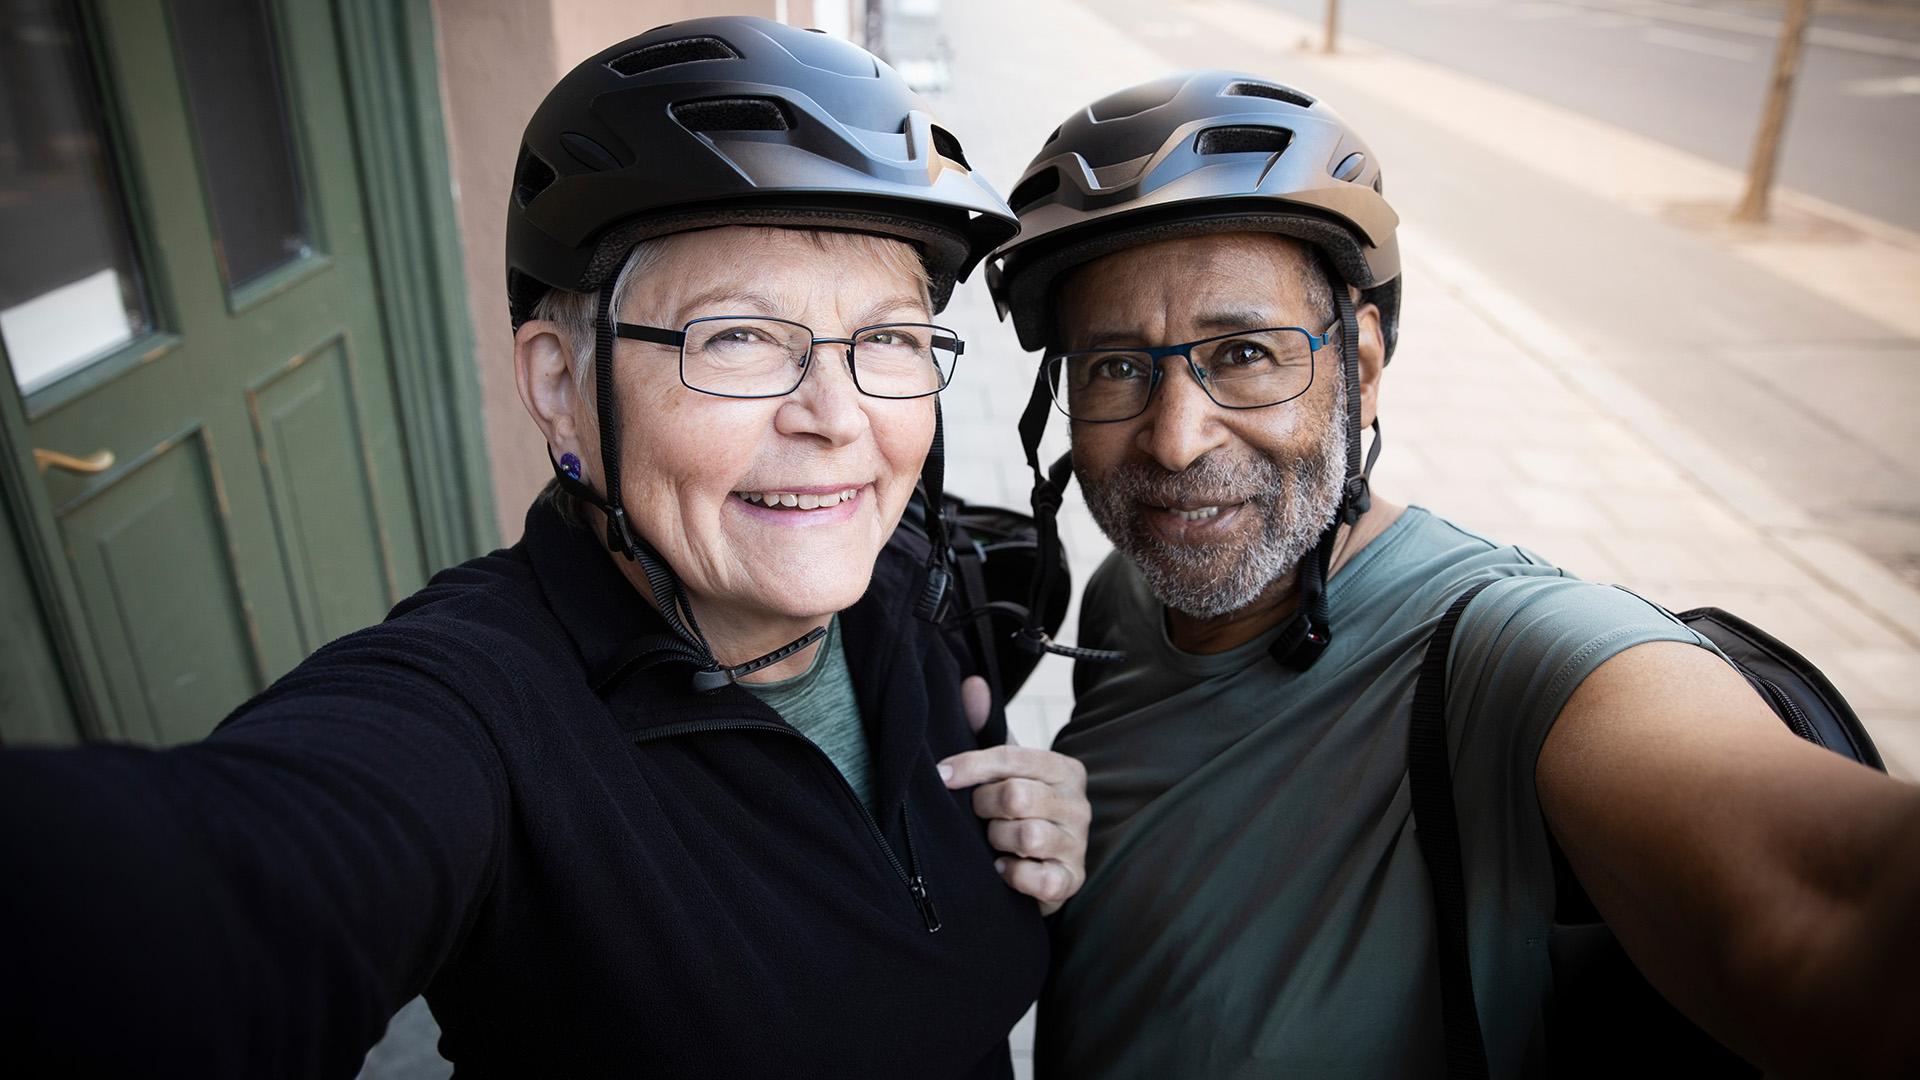 Fehér bőrű nő és fekete bőrű férfi